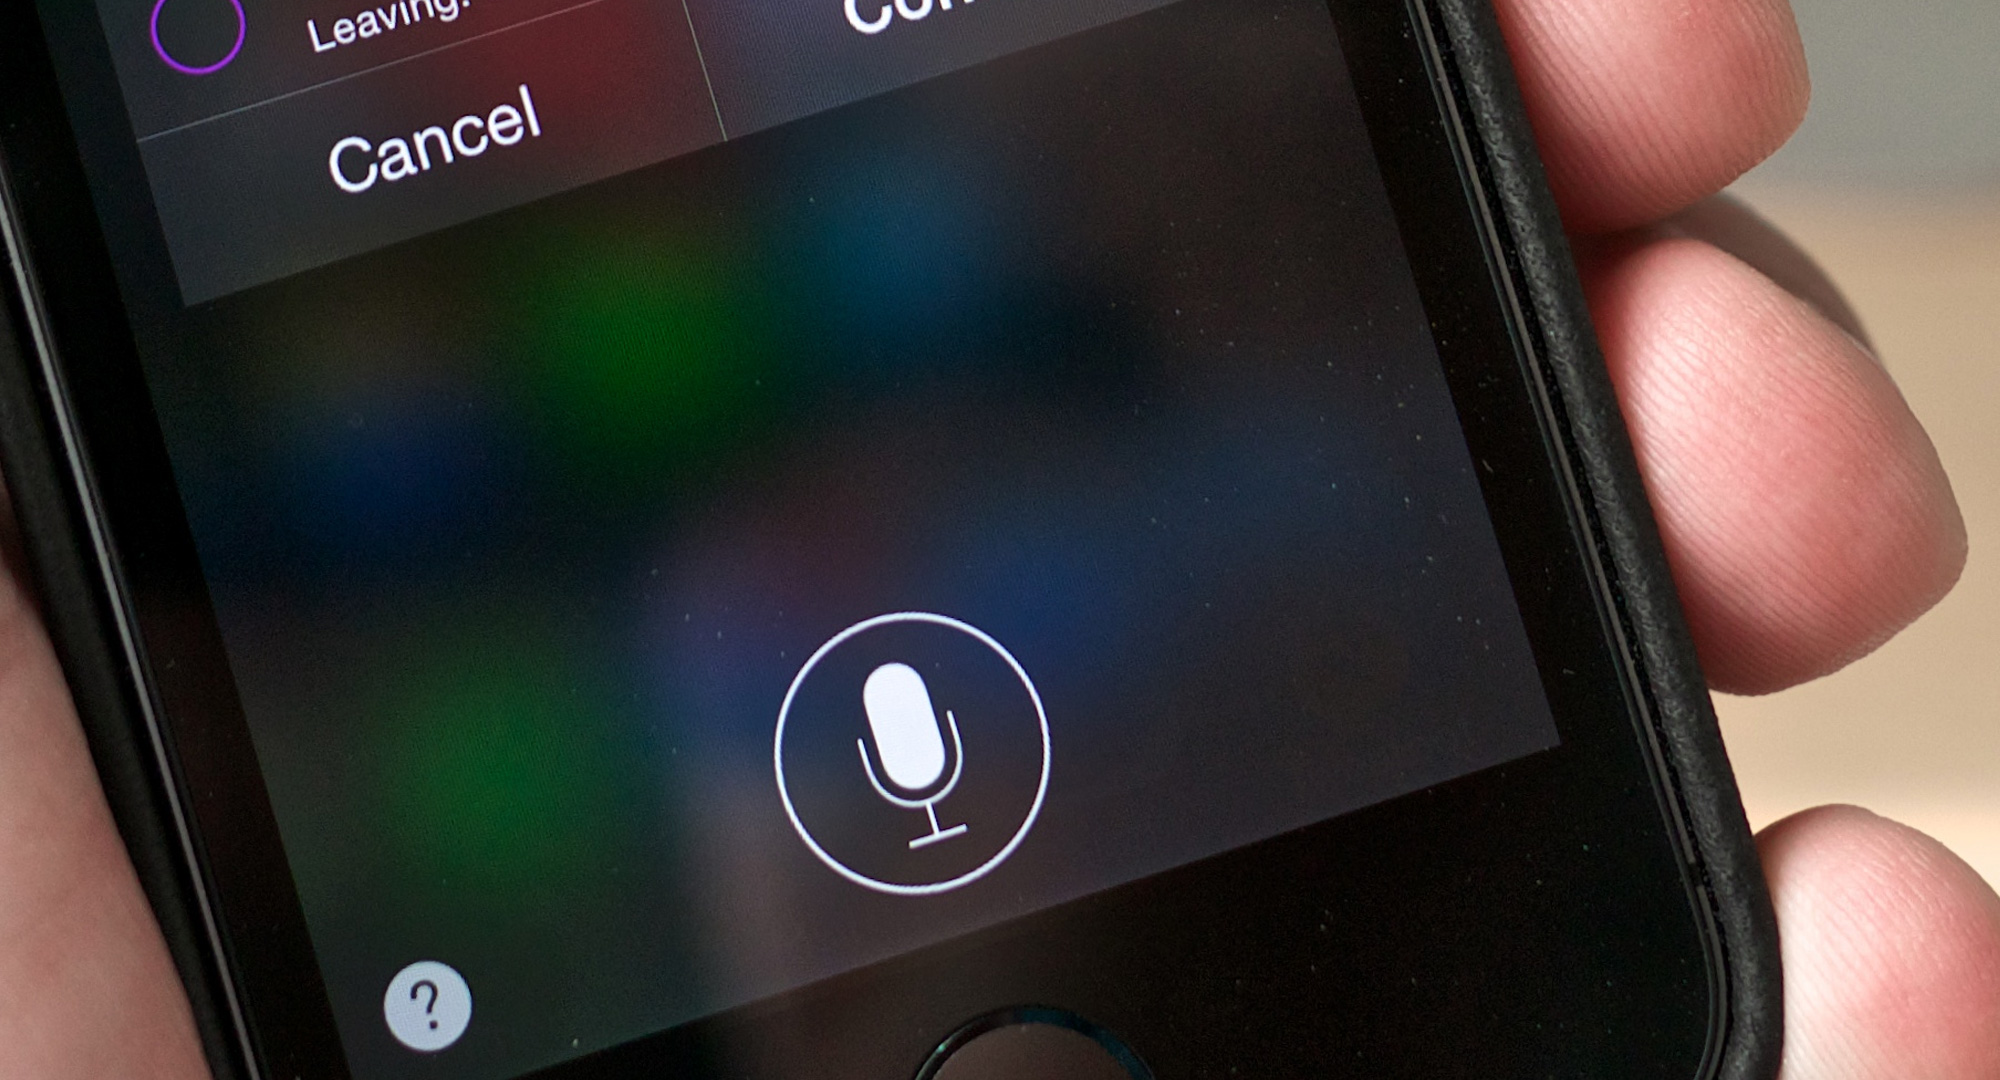 Gilbert Collard croit être sur écoute après avoir entendu Siri